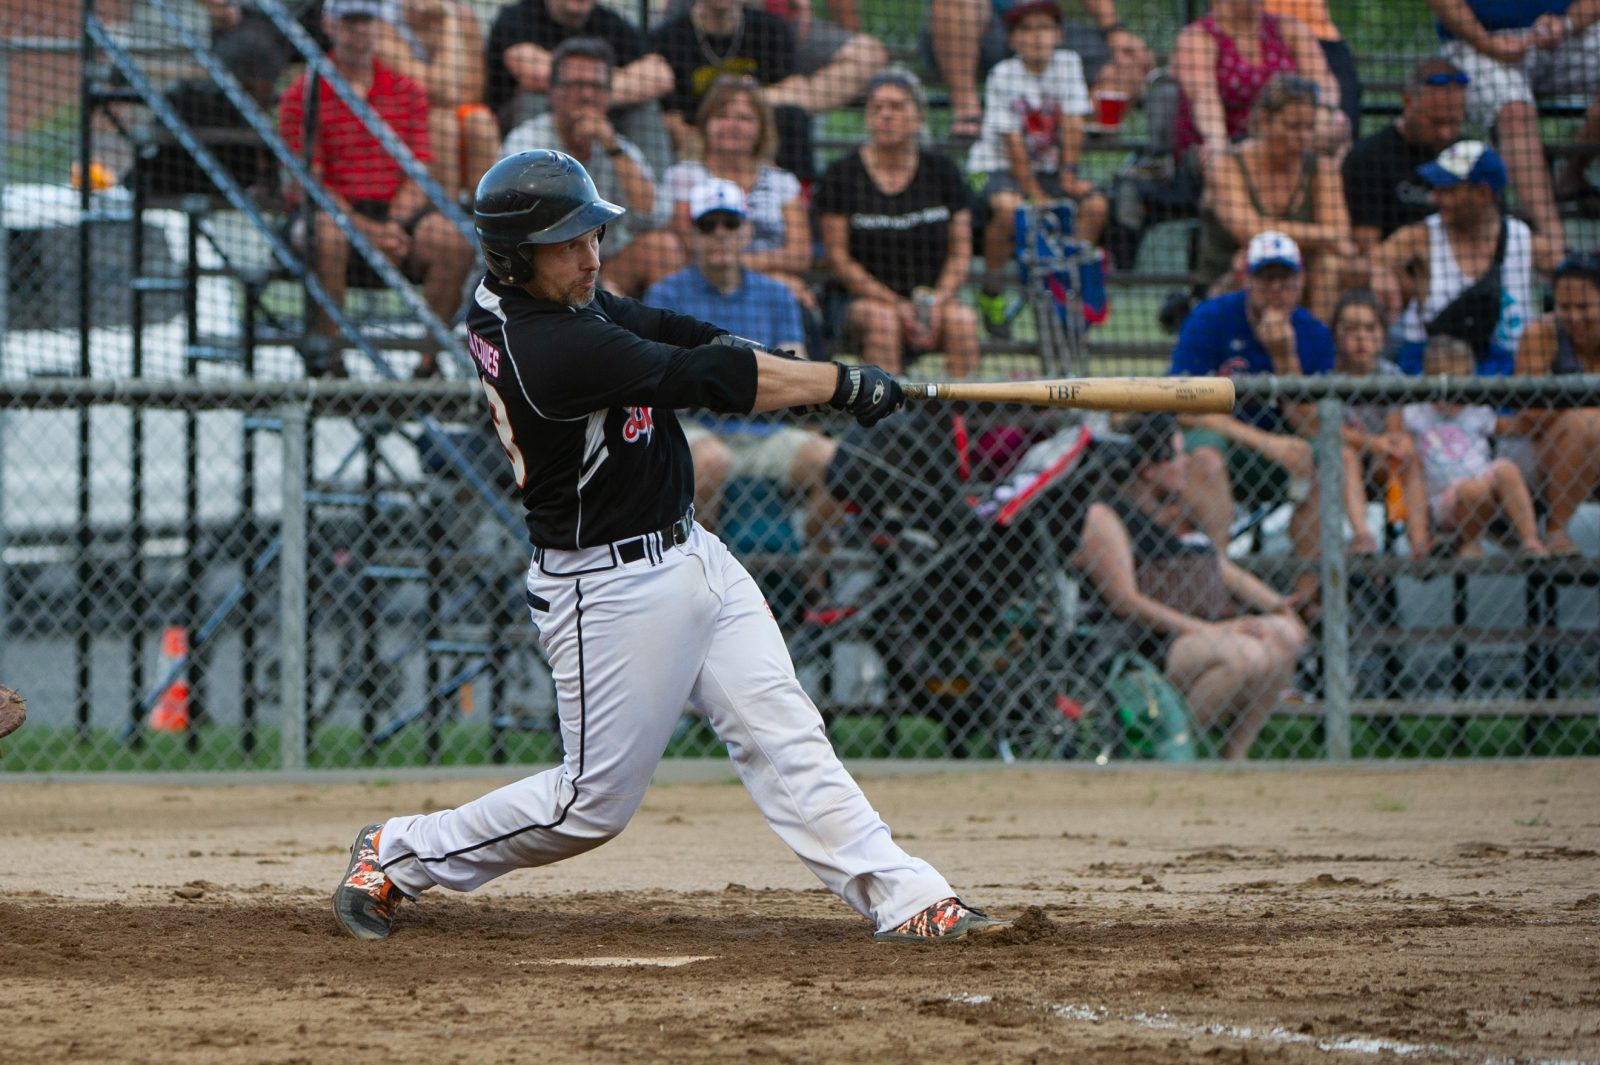 Le baseball local poursuivra ses activités avec des assistances réduites